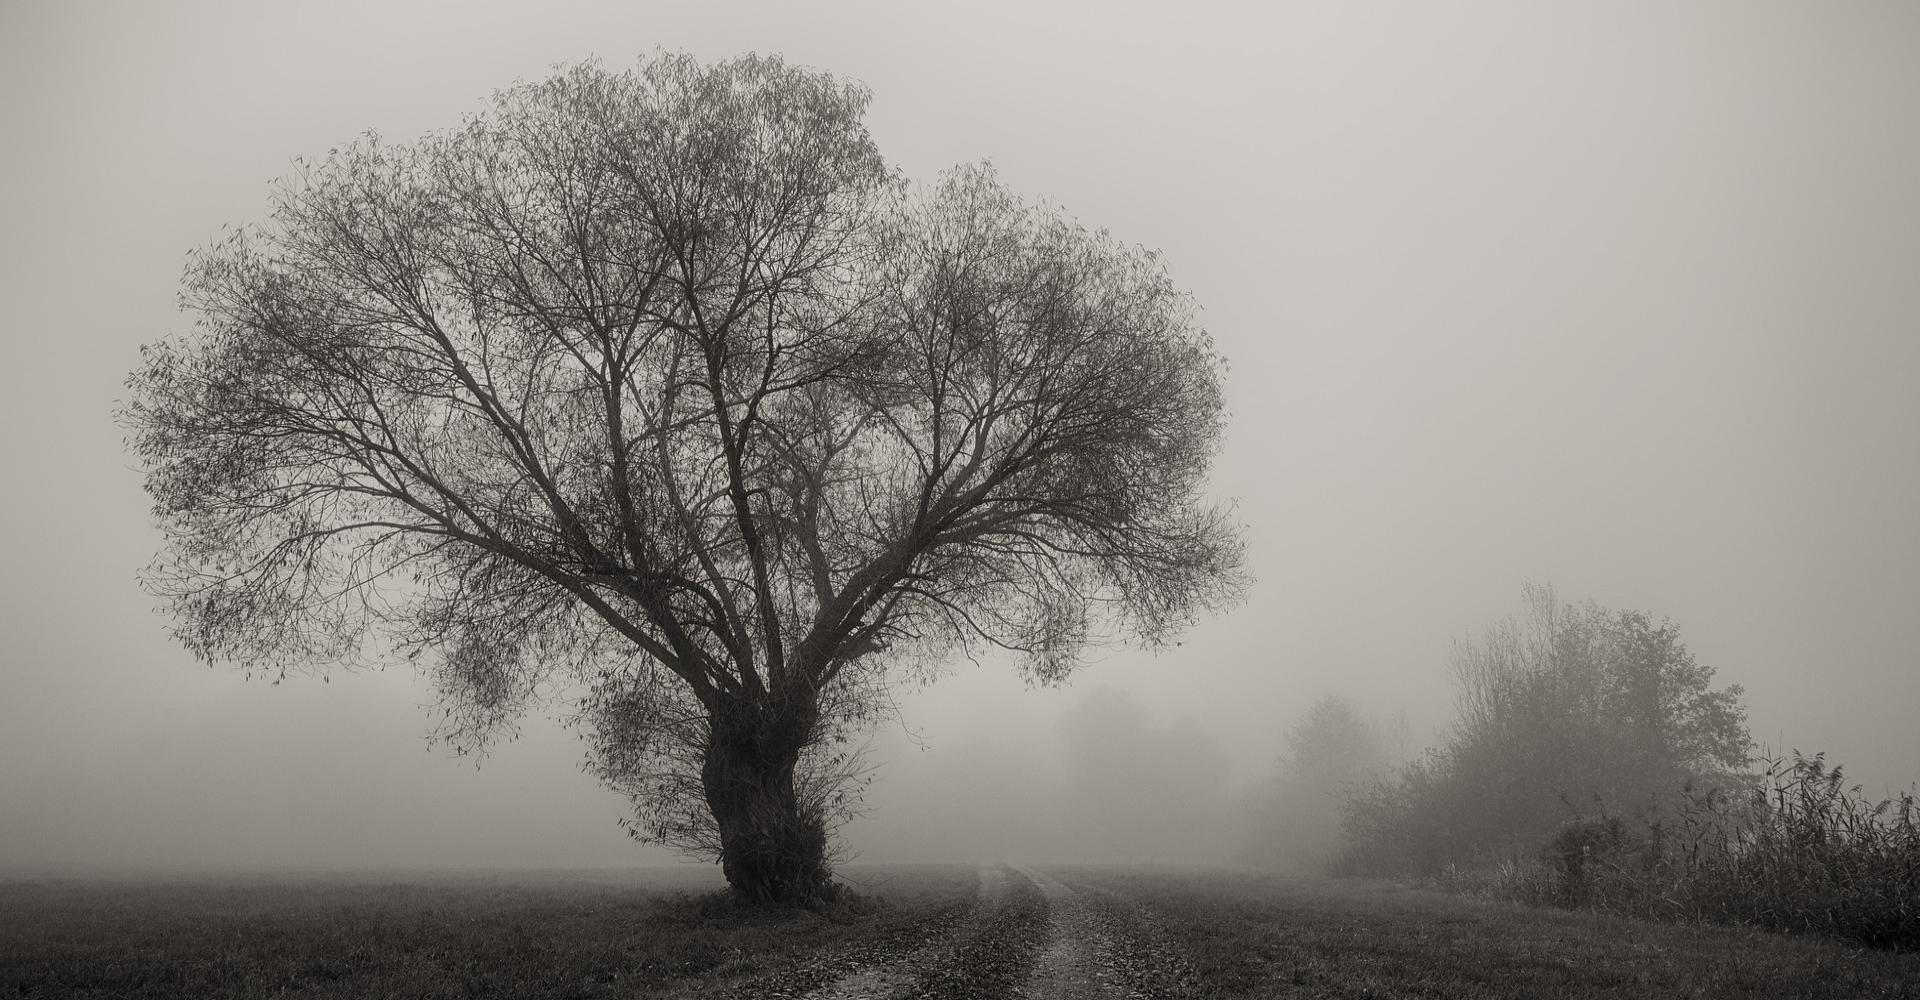 Herbstgedicht - Baum